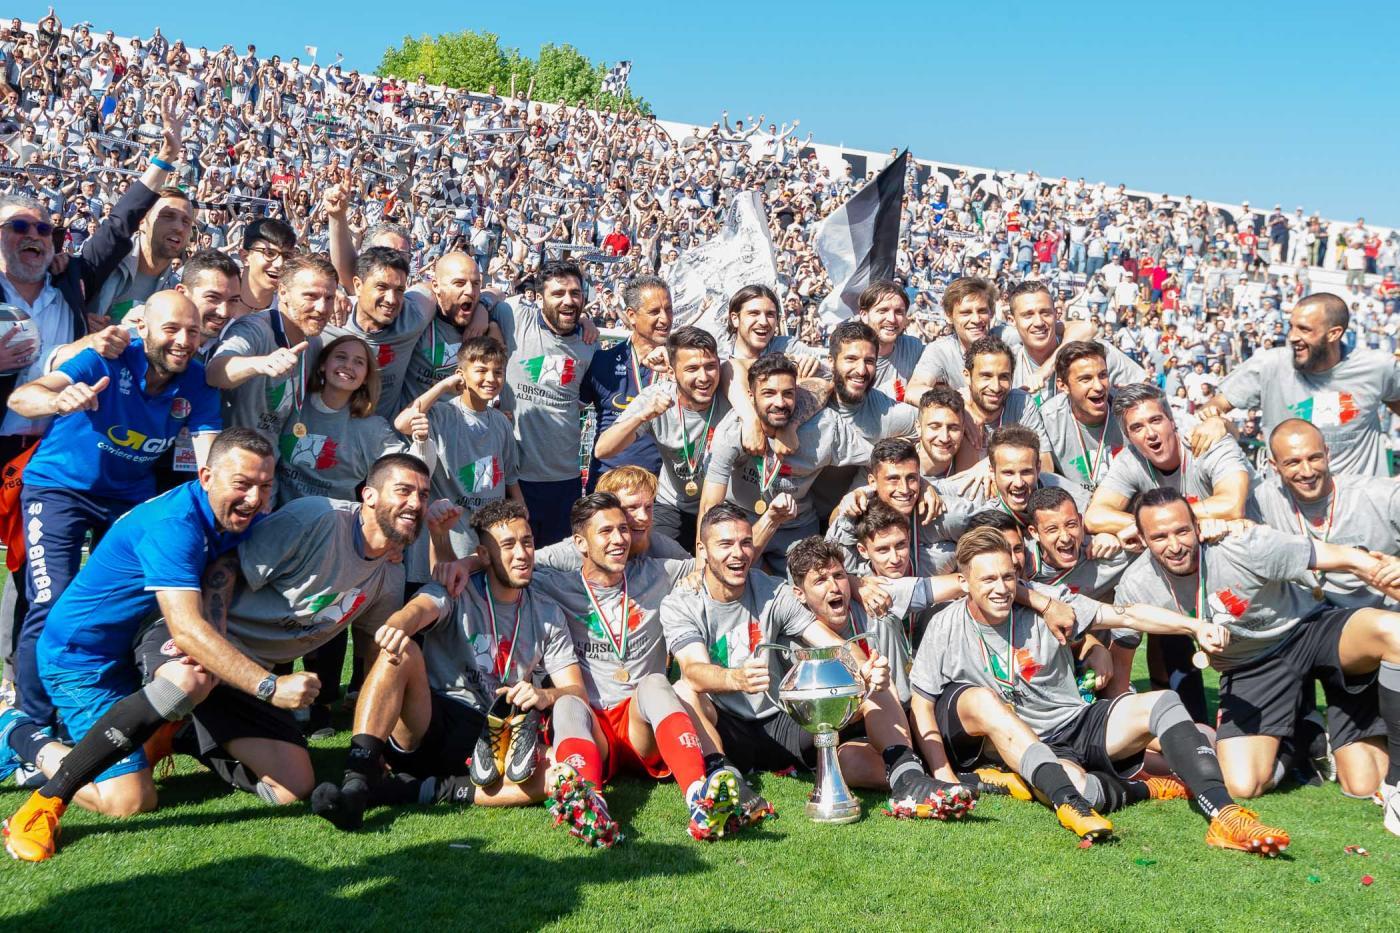 Alessandria-Gozzano 28 ottobre: si gioca per il gruppo A della Serie C. I padroni di casa sono favoriti per i 3 punti in palio.